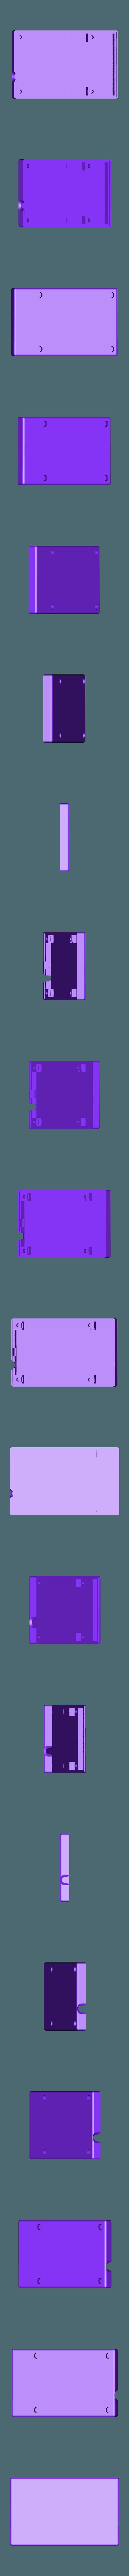 cubieboard-case-bottom.stl Télécharger fichier SCAD gratuit Générateur de cas universel avec exemple de cas pour Cubieboard • Modèle imprimable en 3D, Urgnarb